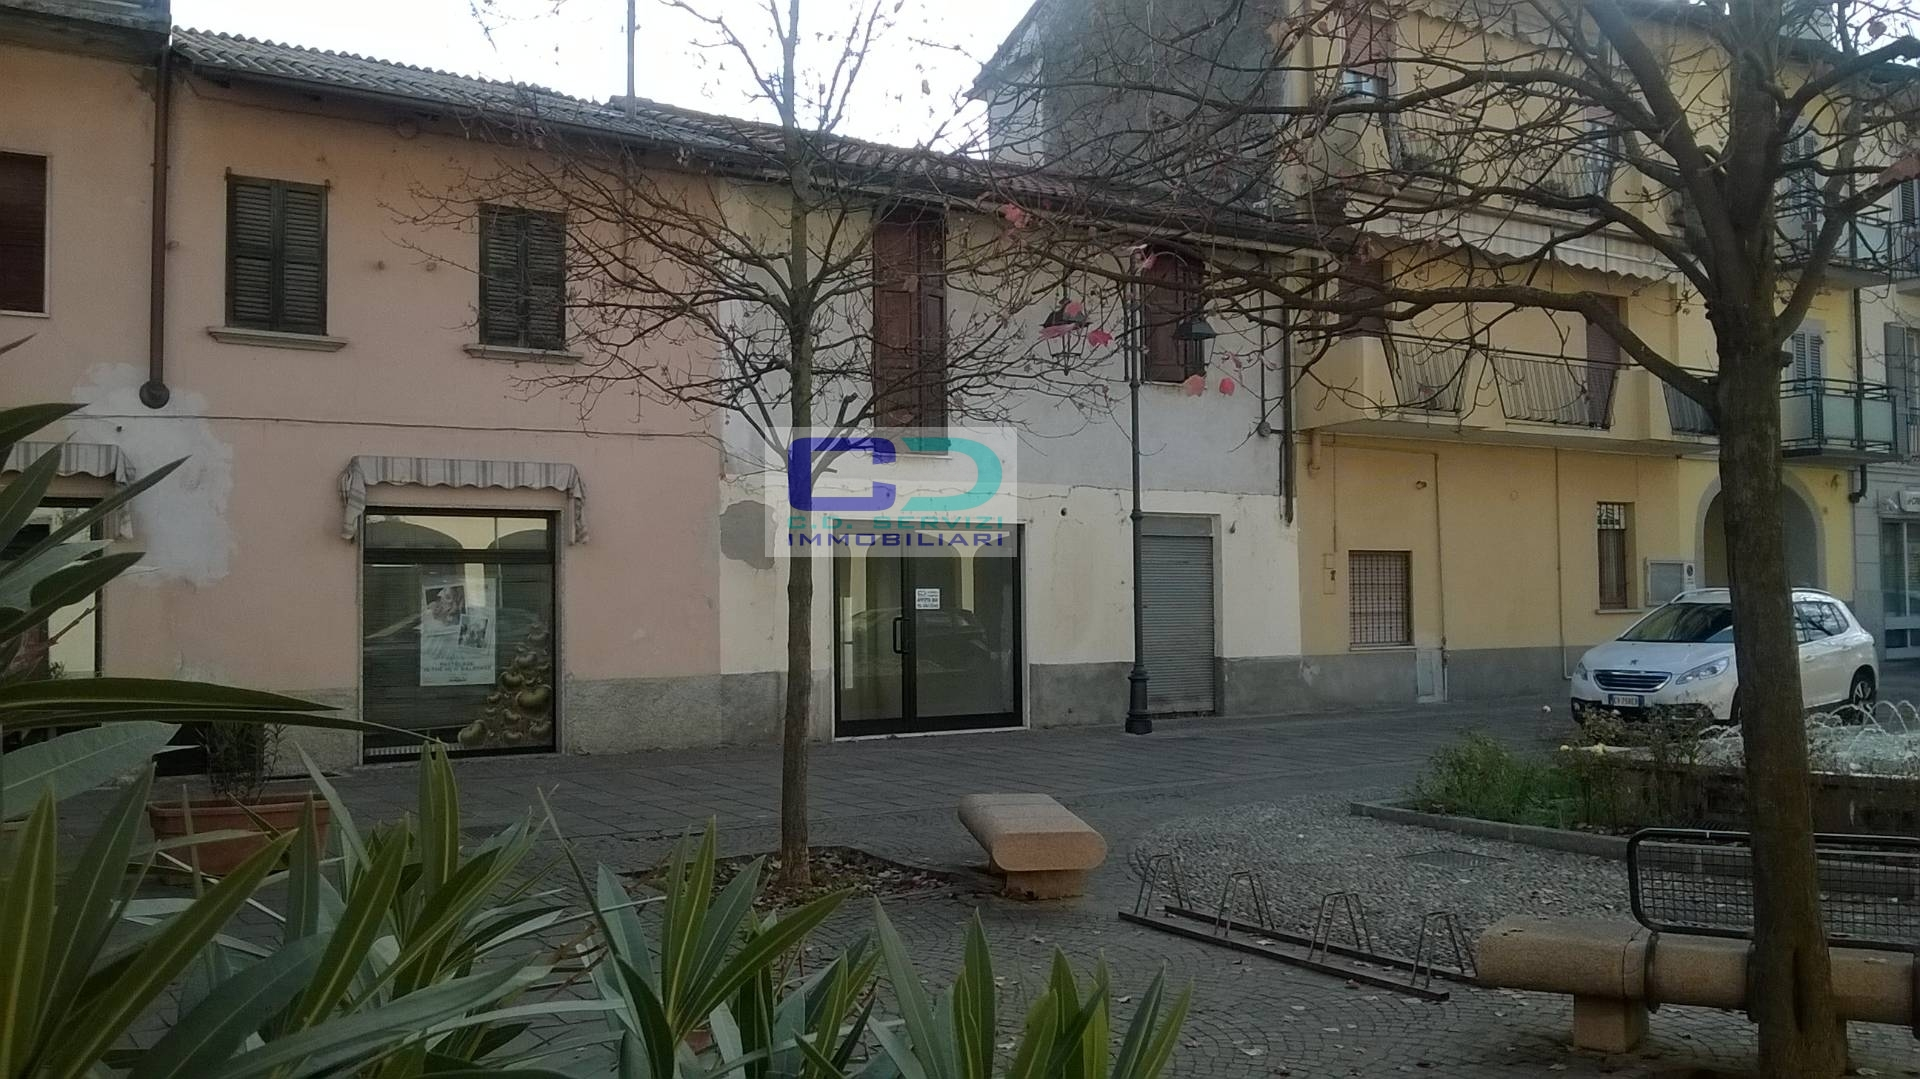 Negozio / Locale in affitto a Cassano d'Adda, 9999 locali, zona Località: GroppellodAdda, prezzo € 390 | CambioCasa.it